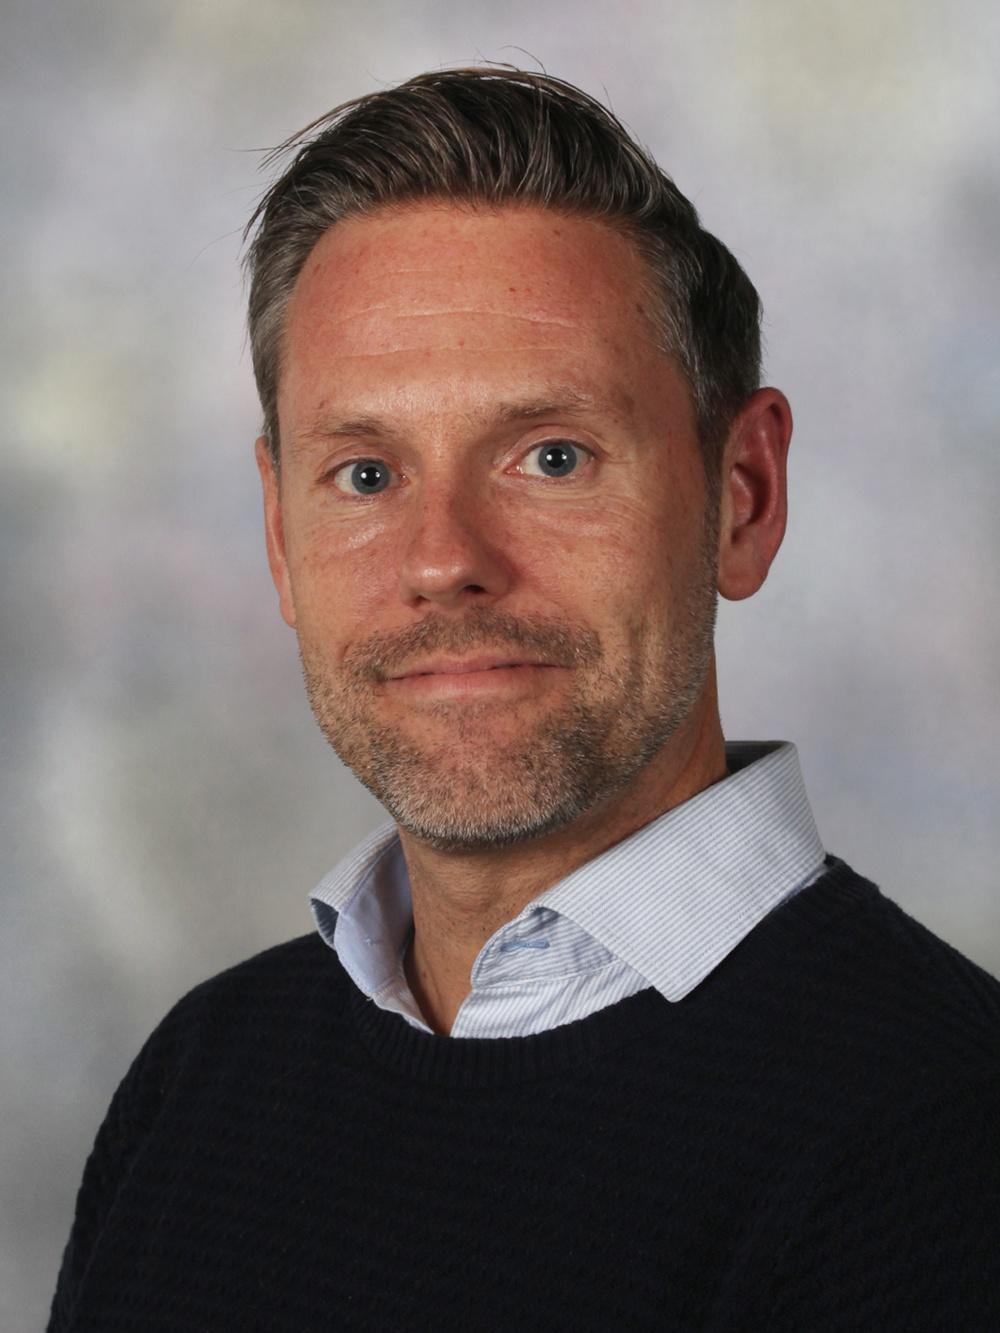 Mattias Damberg. Områdeschef Nära Vård. Biträdande Hälso- och sjukvårdsdirektör.